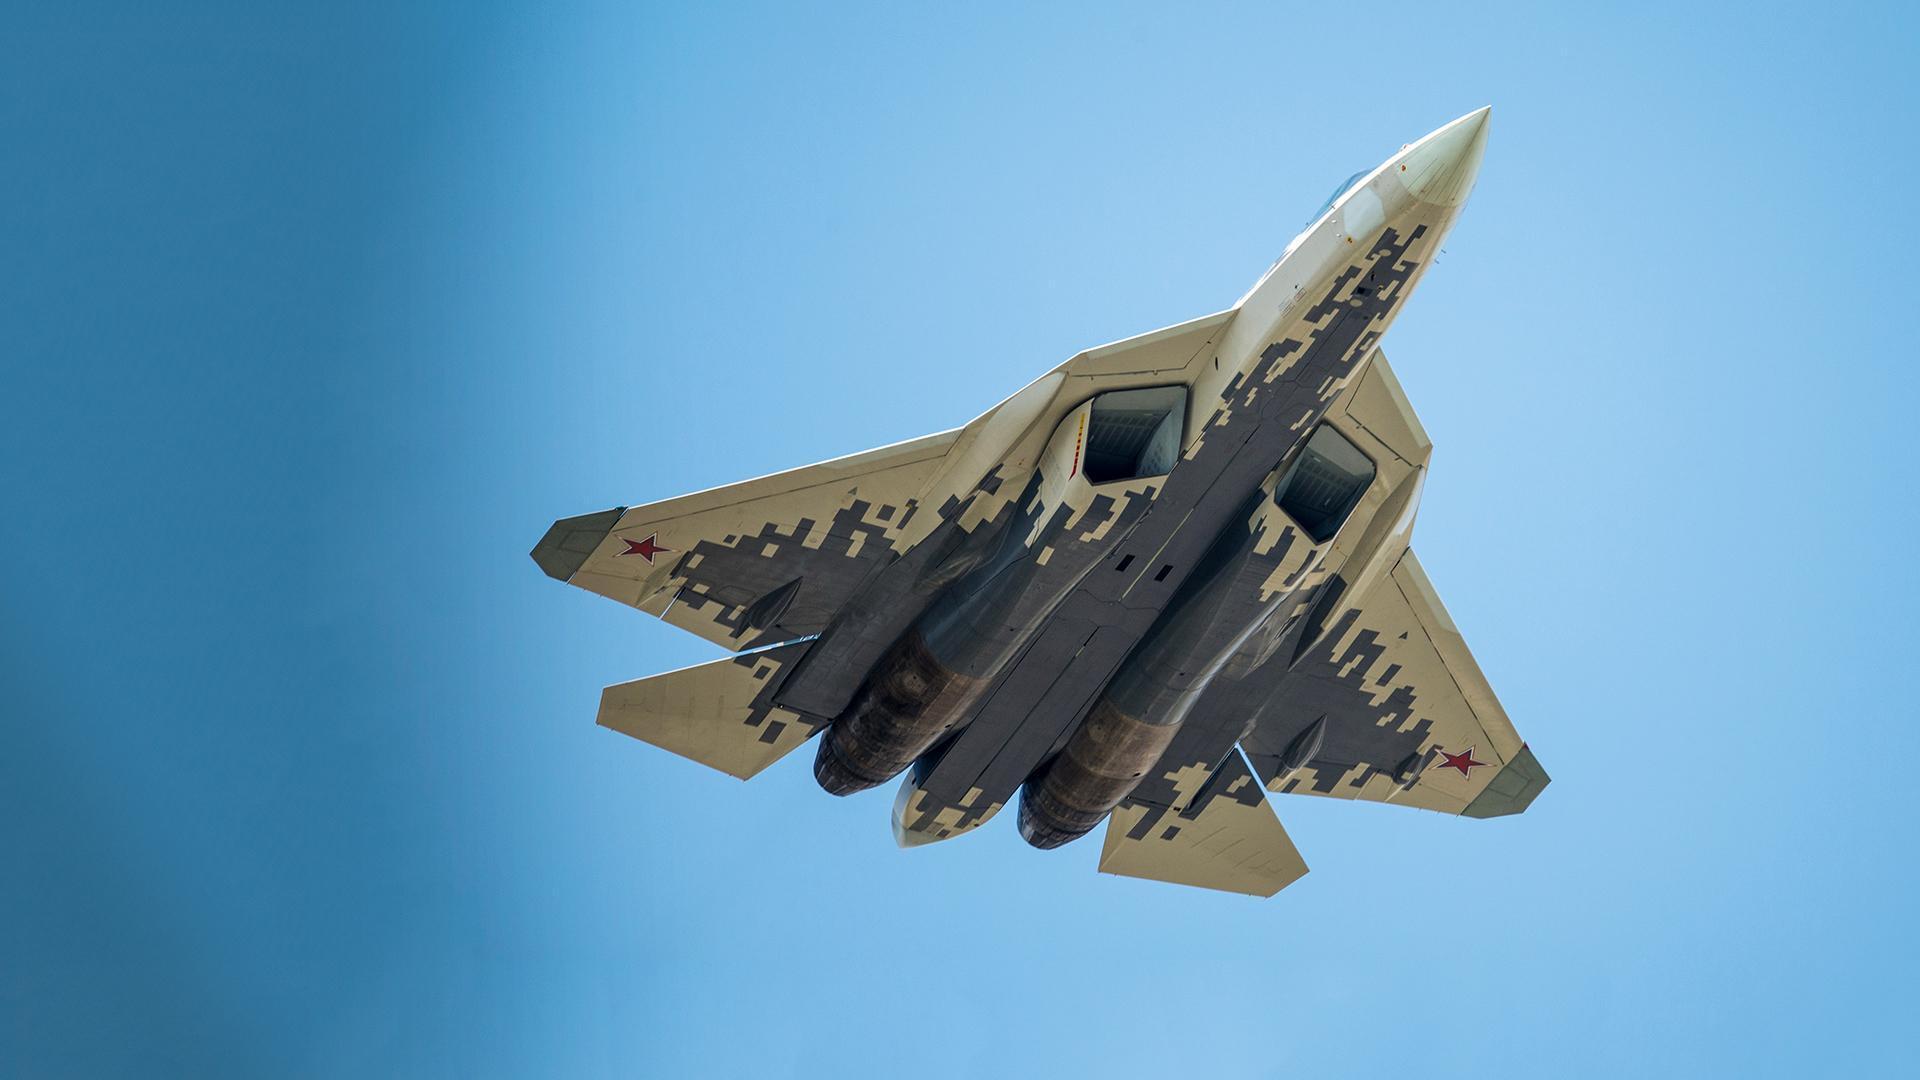 Названы различия в стелс-технологиях истребителей Су-57 и F-22